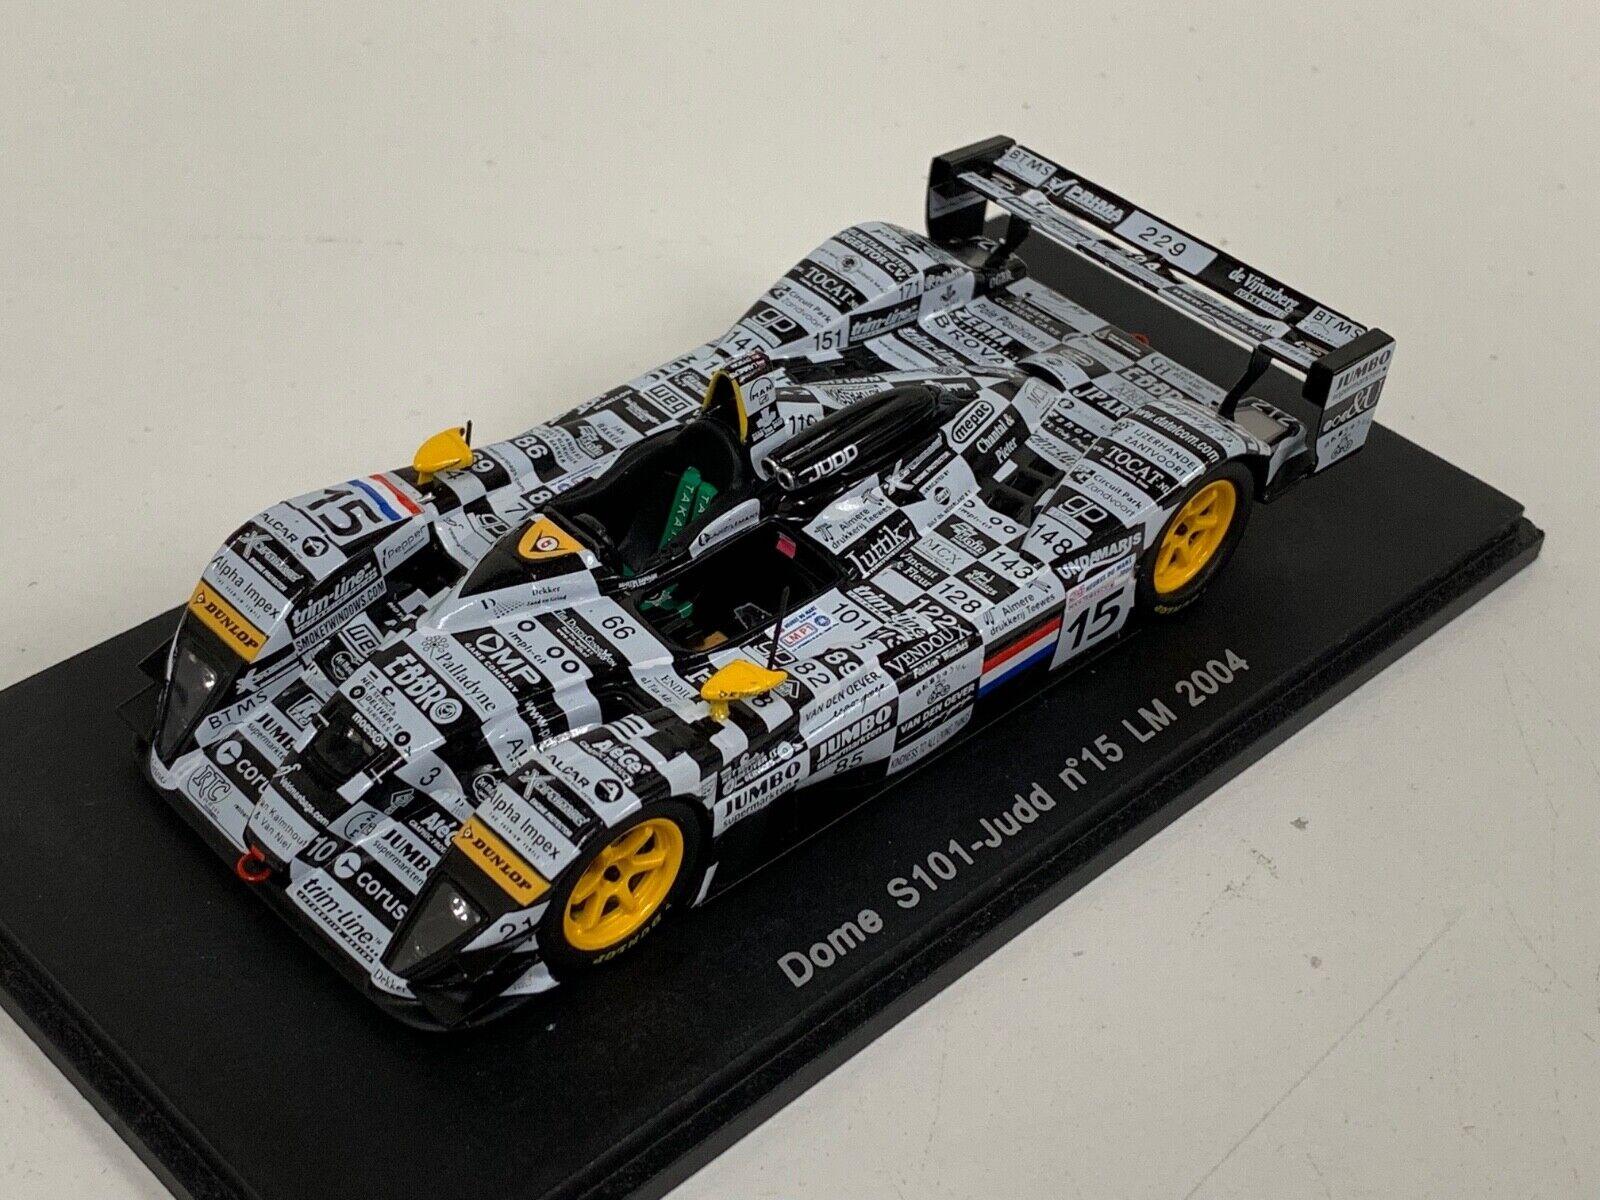 1 43 Spark Models DOME S101 JUDD voiture de  15 24 H DU MANS 2004 S0055